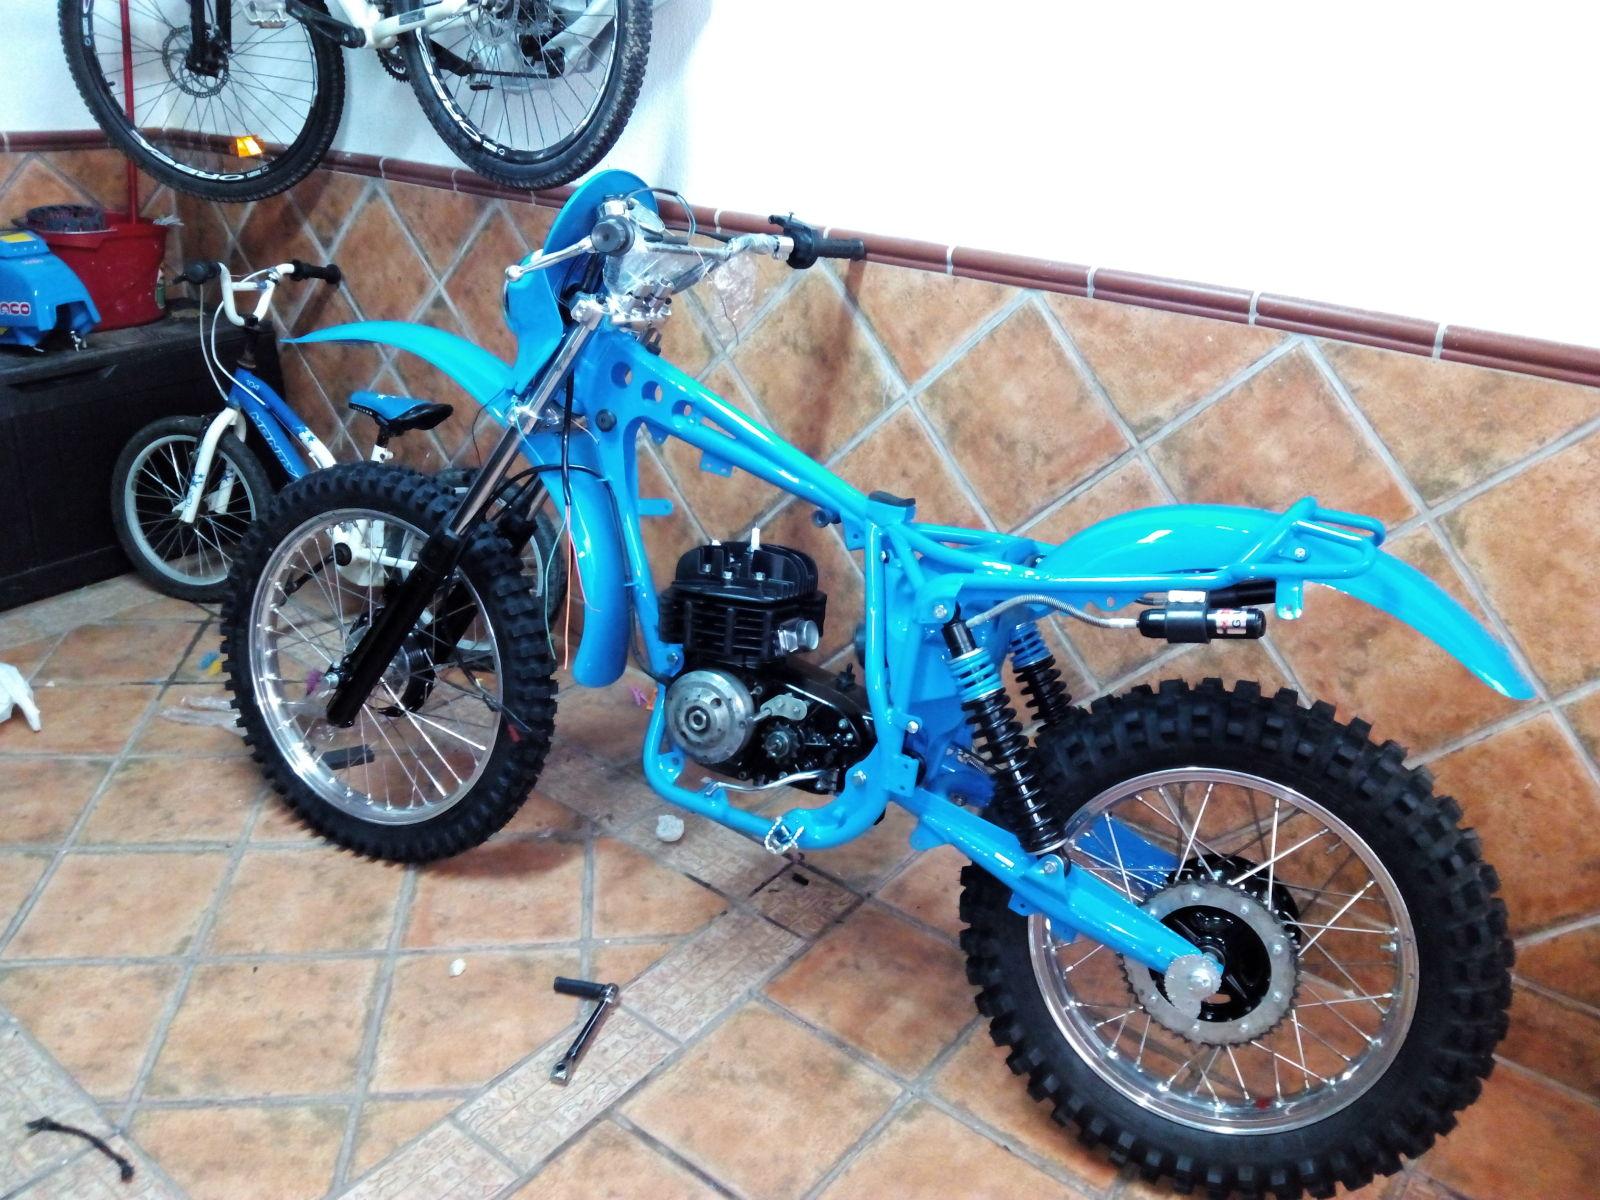 Bultaco MK11 370 - Motor - Página 4 344tp93